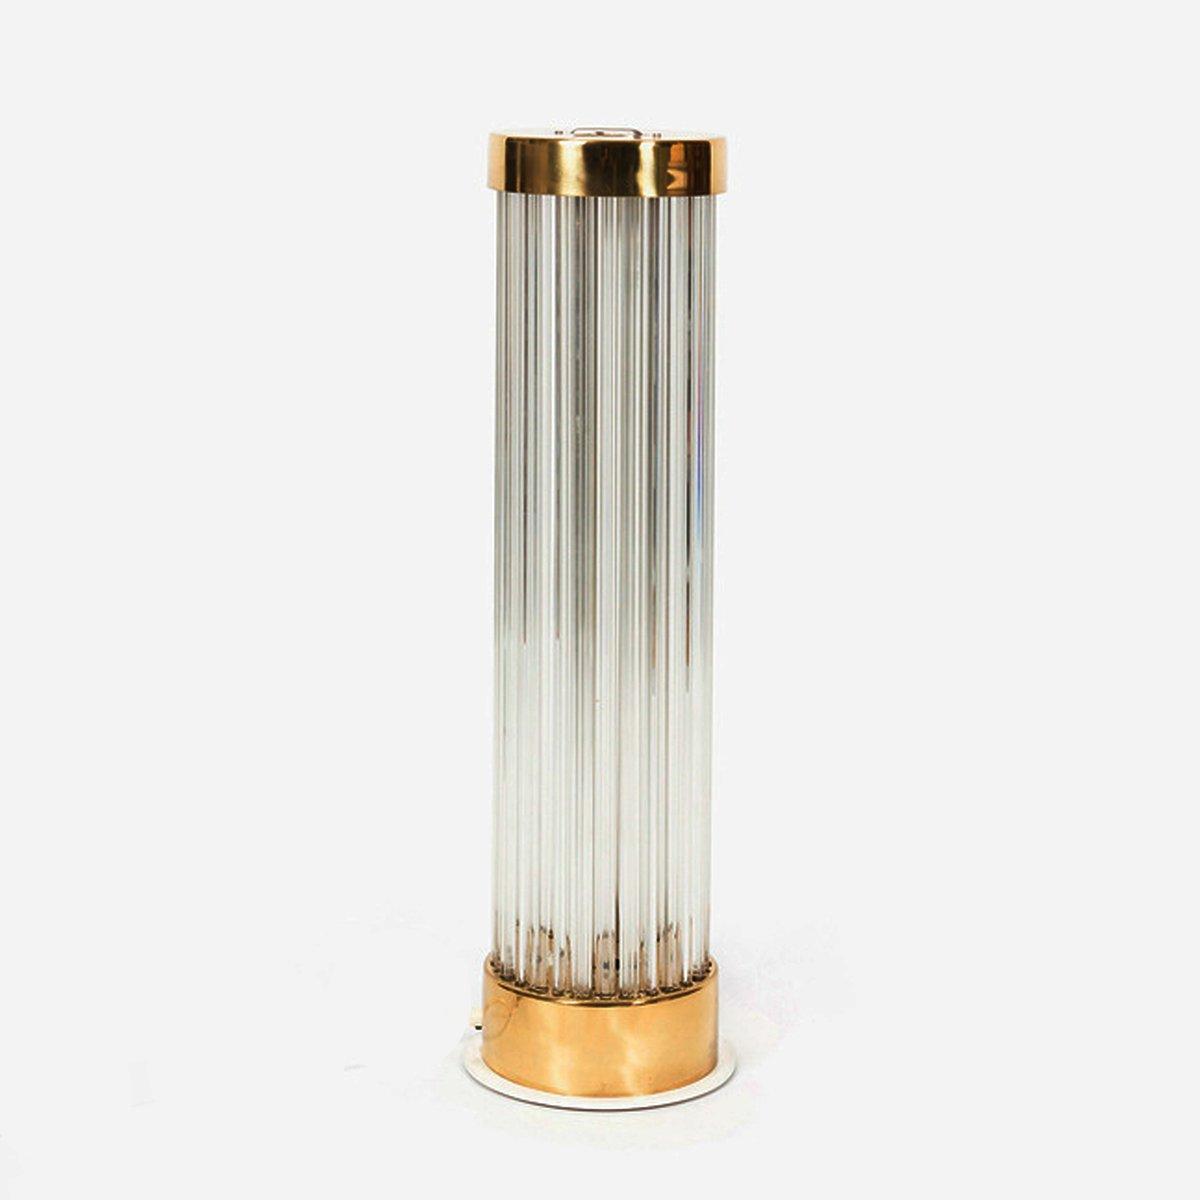 Vintage Stehlampe von Preciosa, 1970er